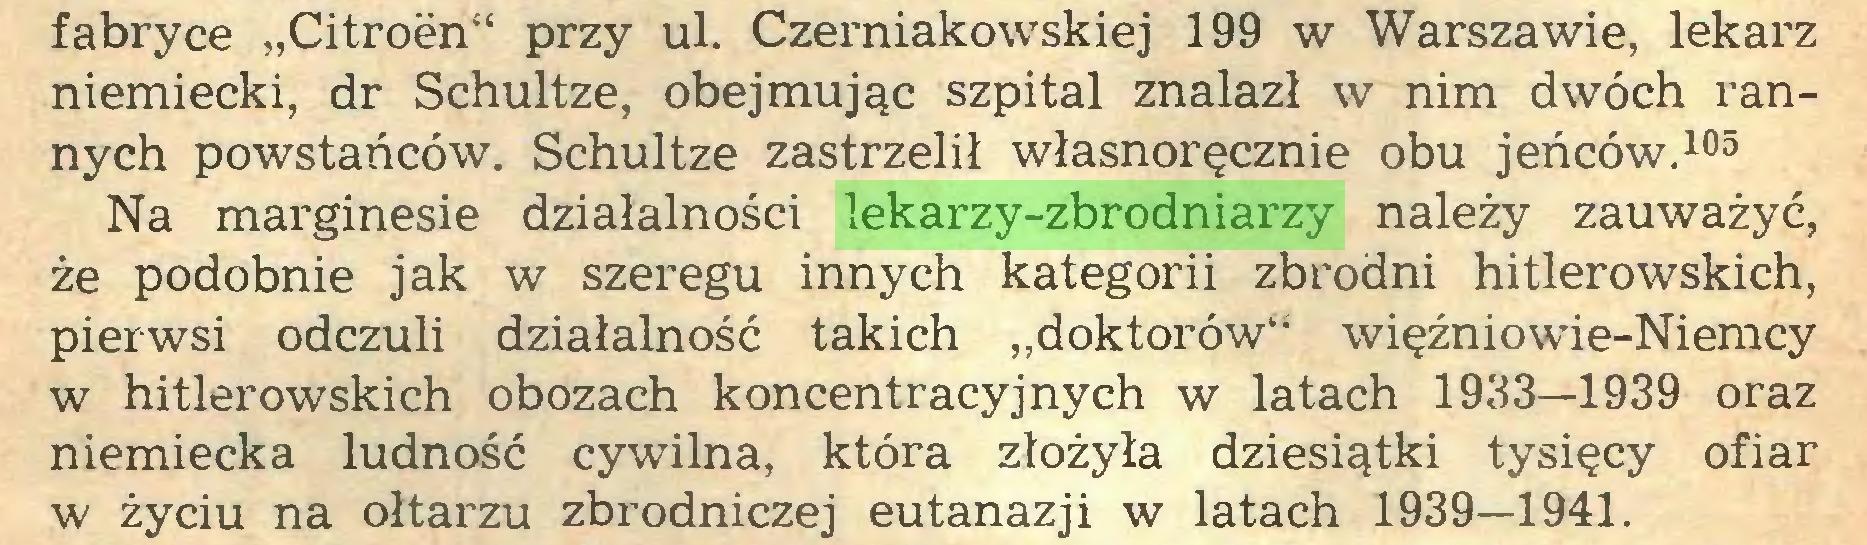 """(...) fabryce """"Citroën"""" przy ul. Czerniakowskiej 199 w Warszawie, lekarz niemiecki, dr Schultze, obejmując szpital znalazł w nim dwóch rannych powstańców. Schultze zastrzelił własnoręcznie obu jeńców.105 Na marginesie działalności lekarzy-zbrodniarzy należy zauważyć, że podobnie jak w szeregu innych kategorii zbrodni hitlerowskich, pierwsi odczuli działalność takich """"doktorów"""" więźniowie-Niemcy w hitlerowskich obozach koncentracyjnych w latach 1933—1939 oraz niemiecka ludność cywilna, która złożyła dziesiątki tysięcy ofiar w życiu na ołtarzu zbrodniczej eutanazji w latach 1939—1941..."""